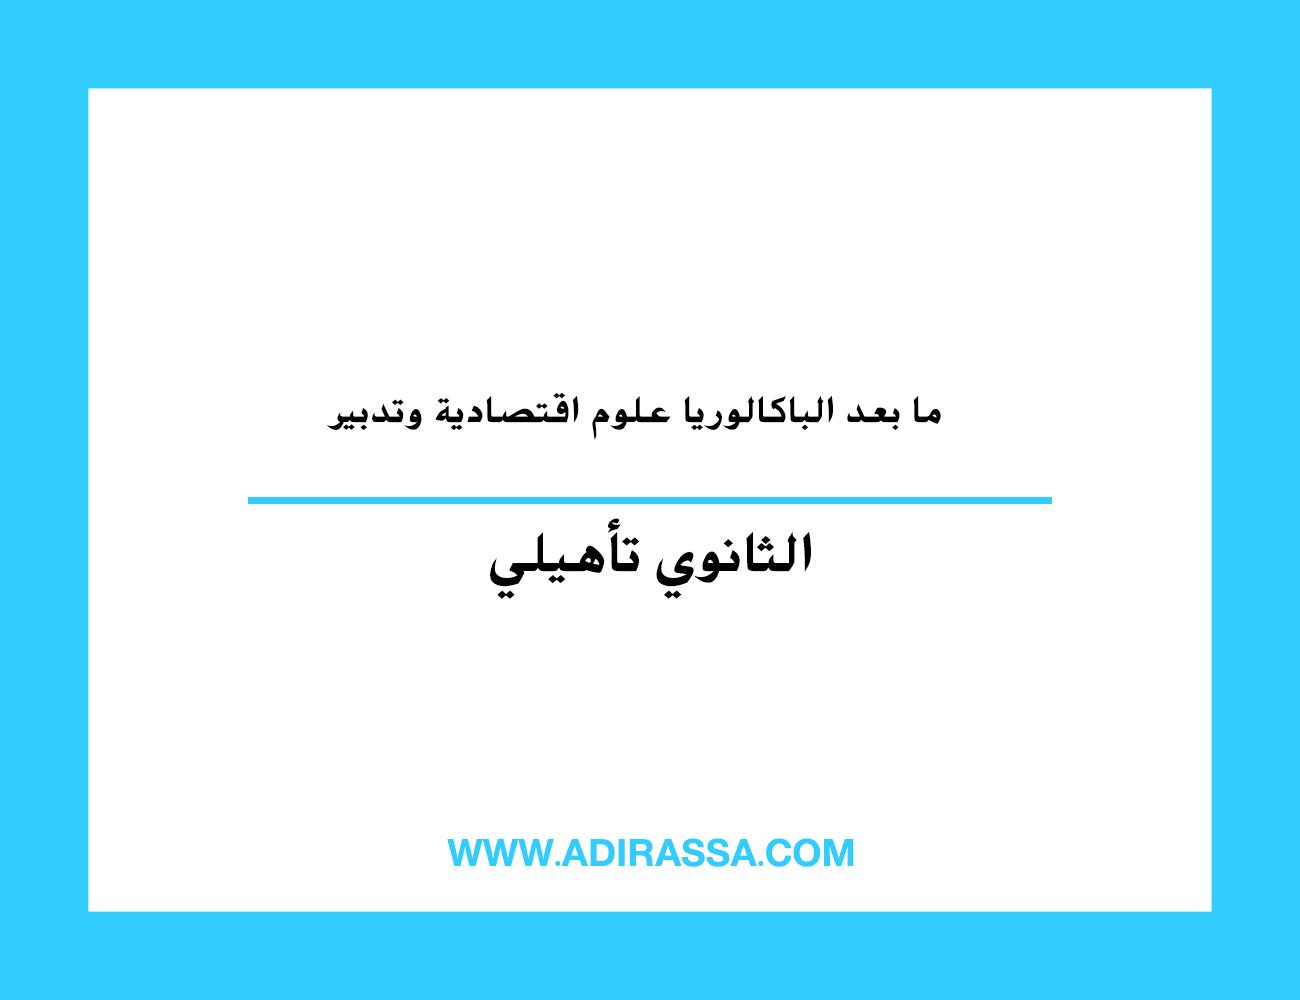 ما بعد الباكالوريا علوم اقتصادية وتدبير حسب المؤسسات و التكوينات المتاحة الولوج بالمغرب